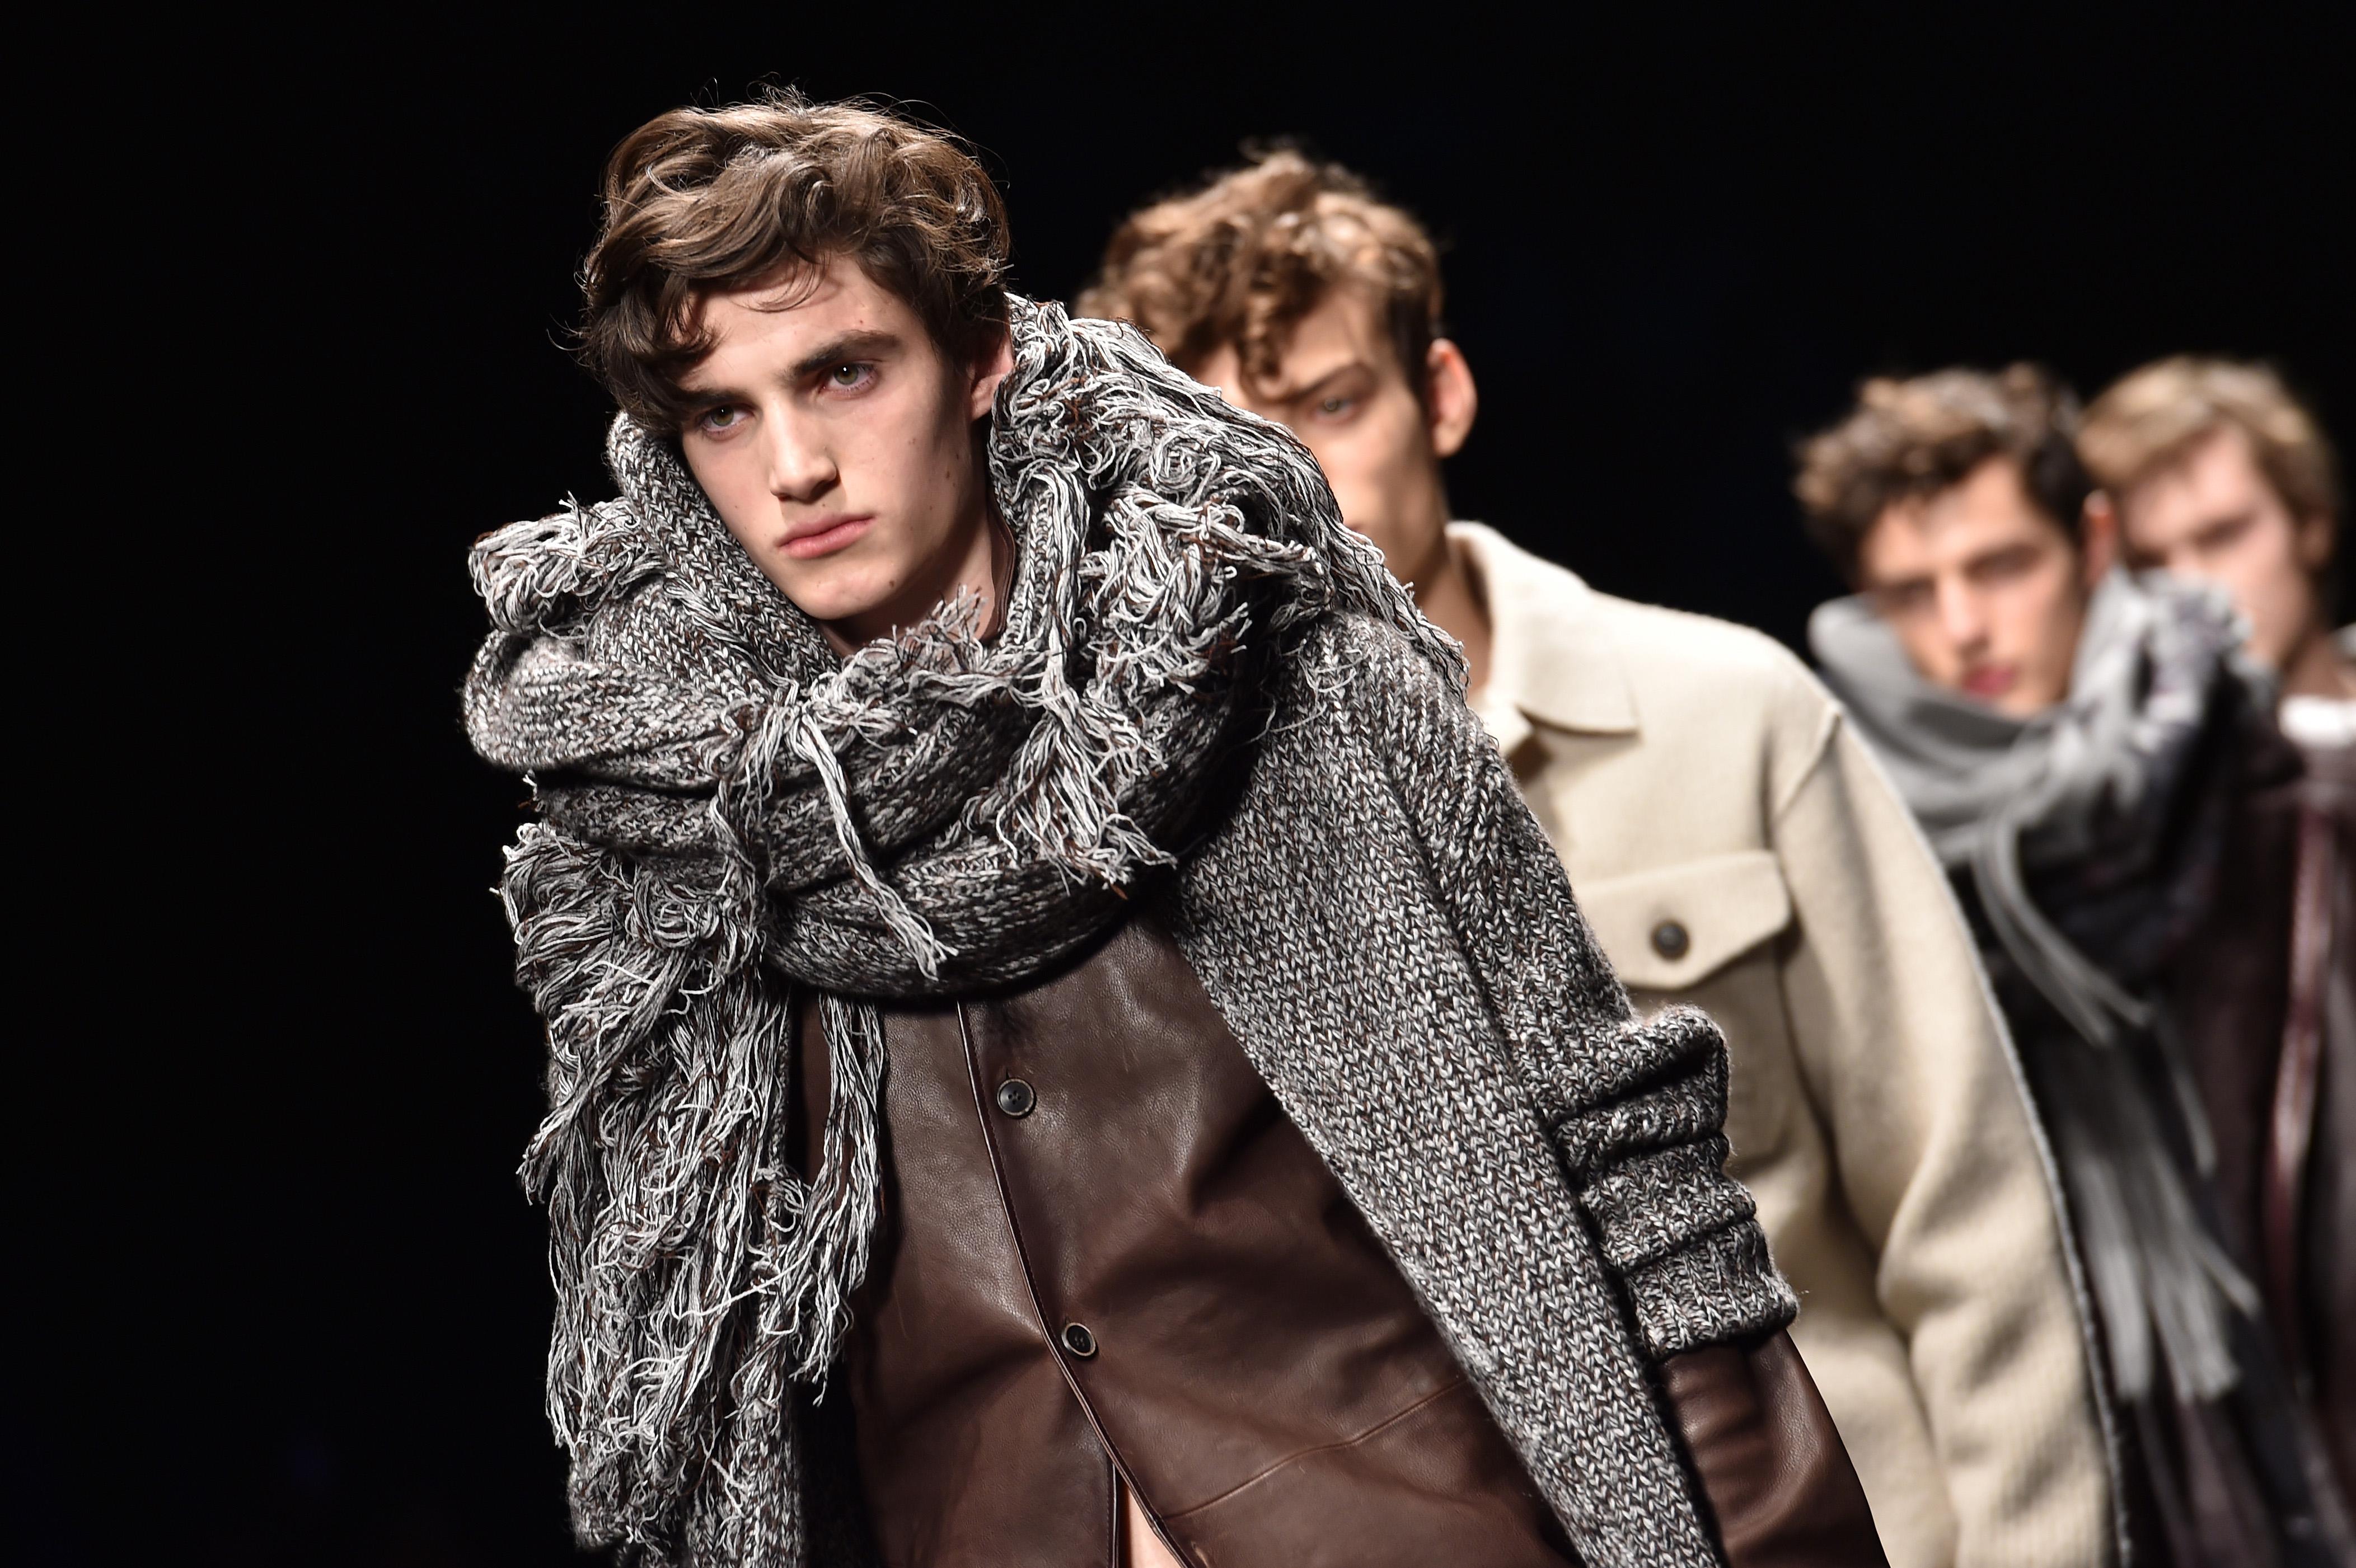 32f7aedeb4 Milano Fashion Week 2015: la nuova eleganza sfila nel secondo giorno (VIDEO)